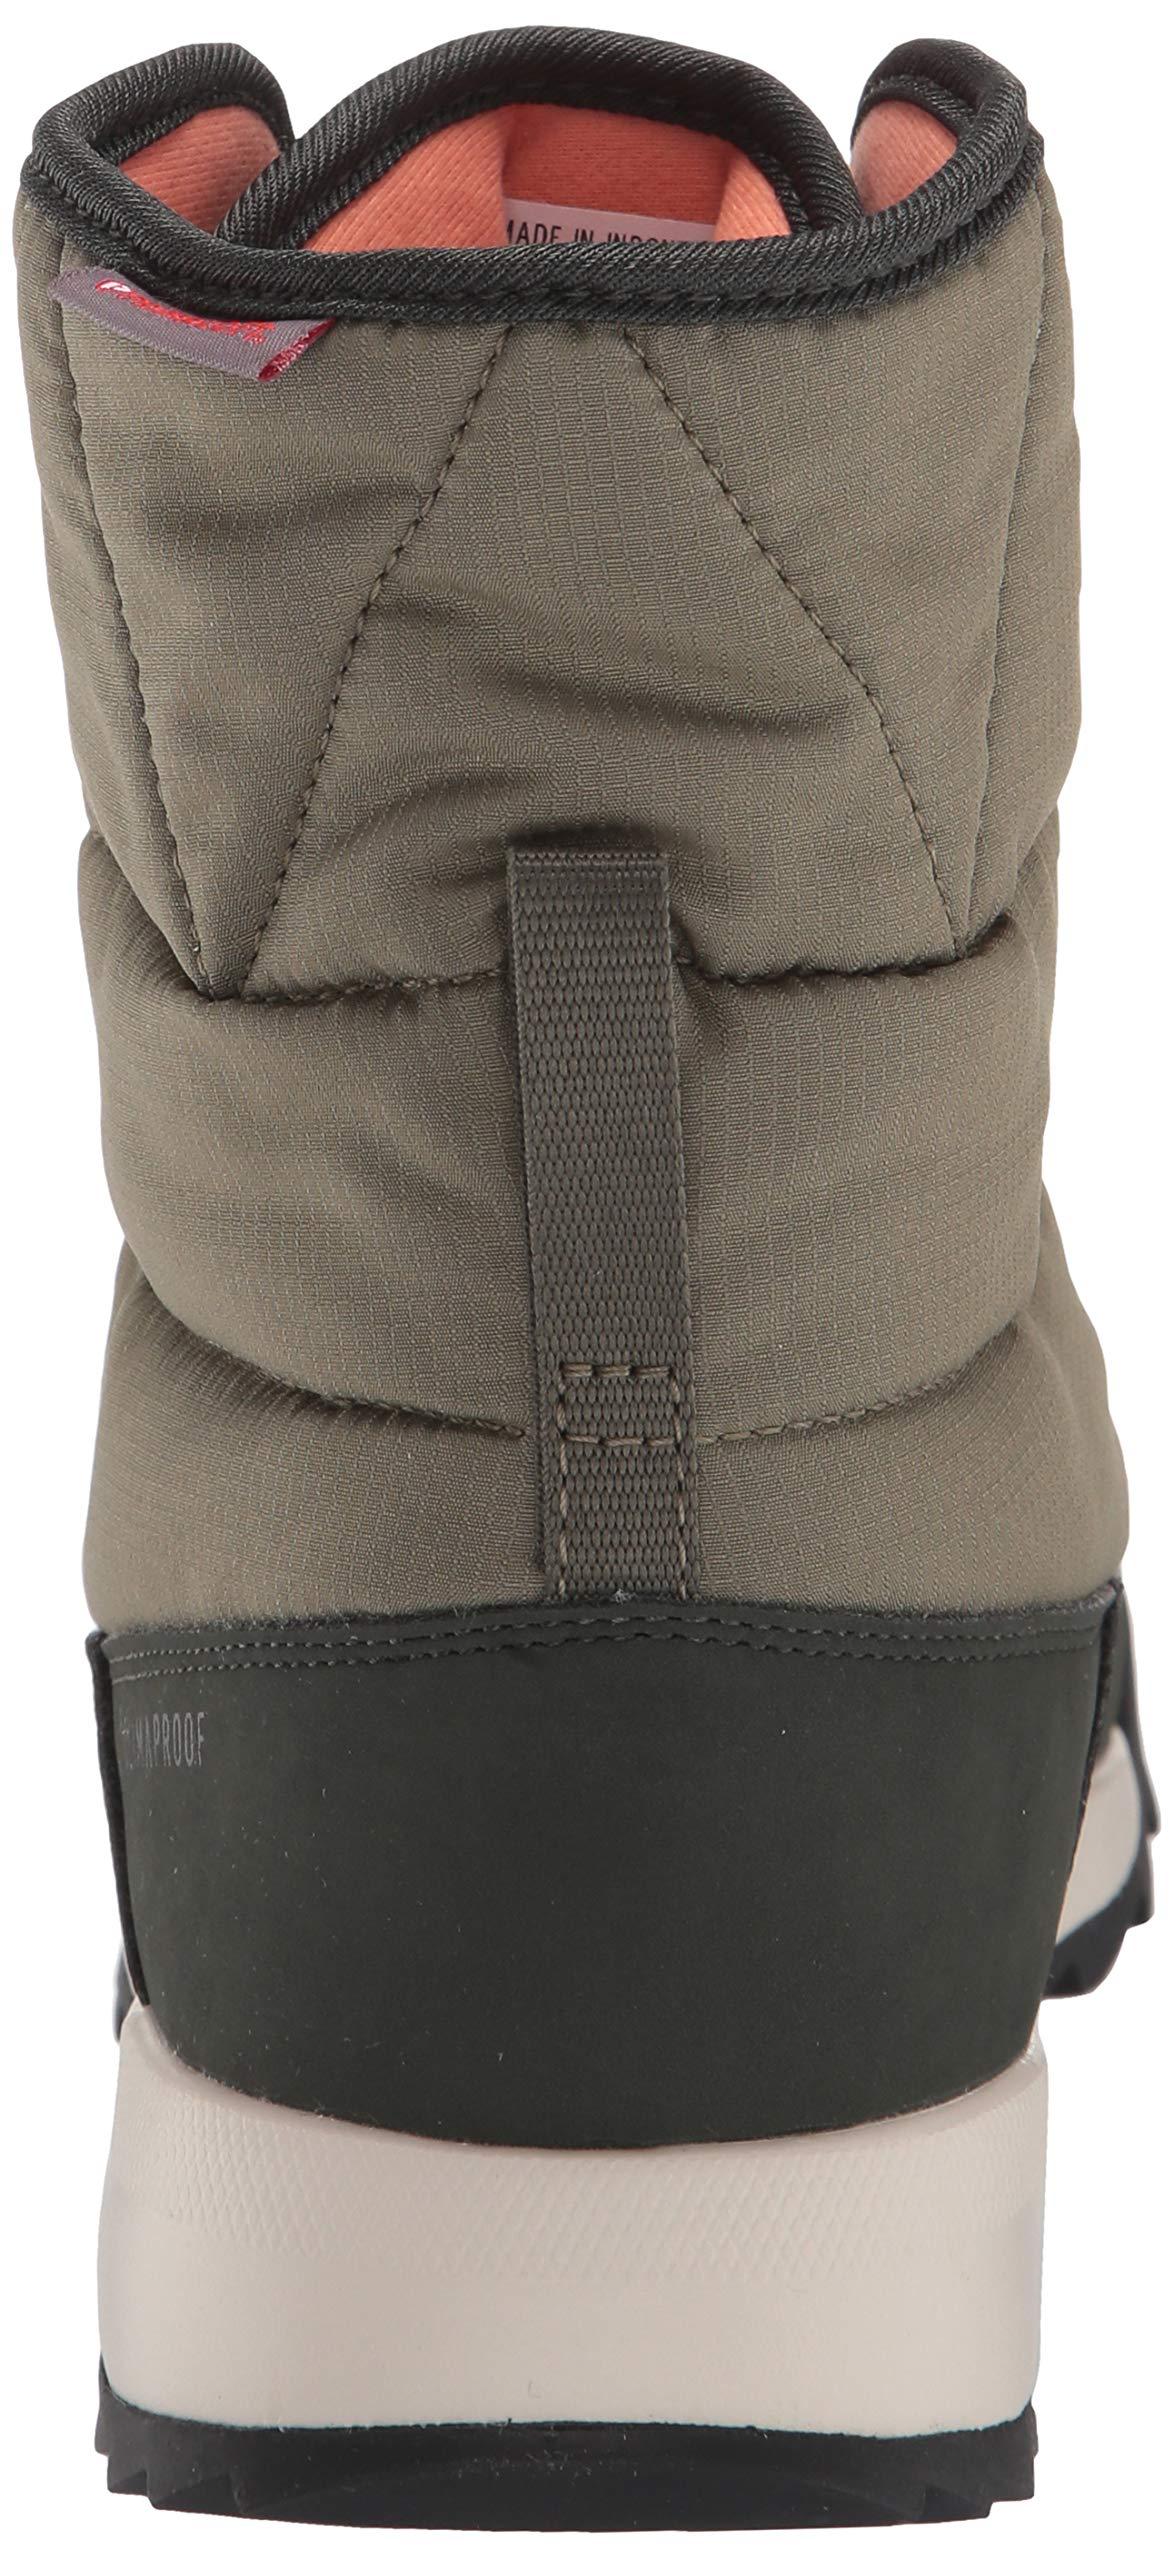 adidas outdoor Women's Terrex Choleah Padded Cp Walking Shoe